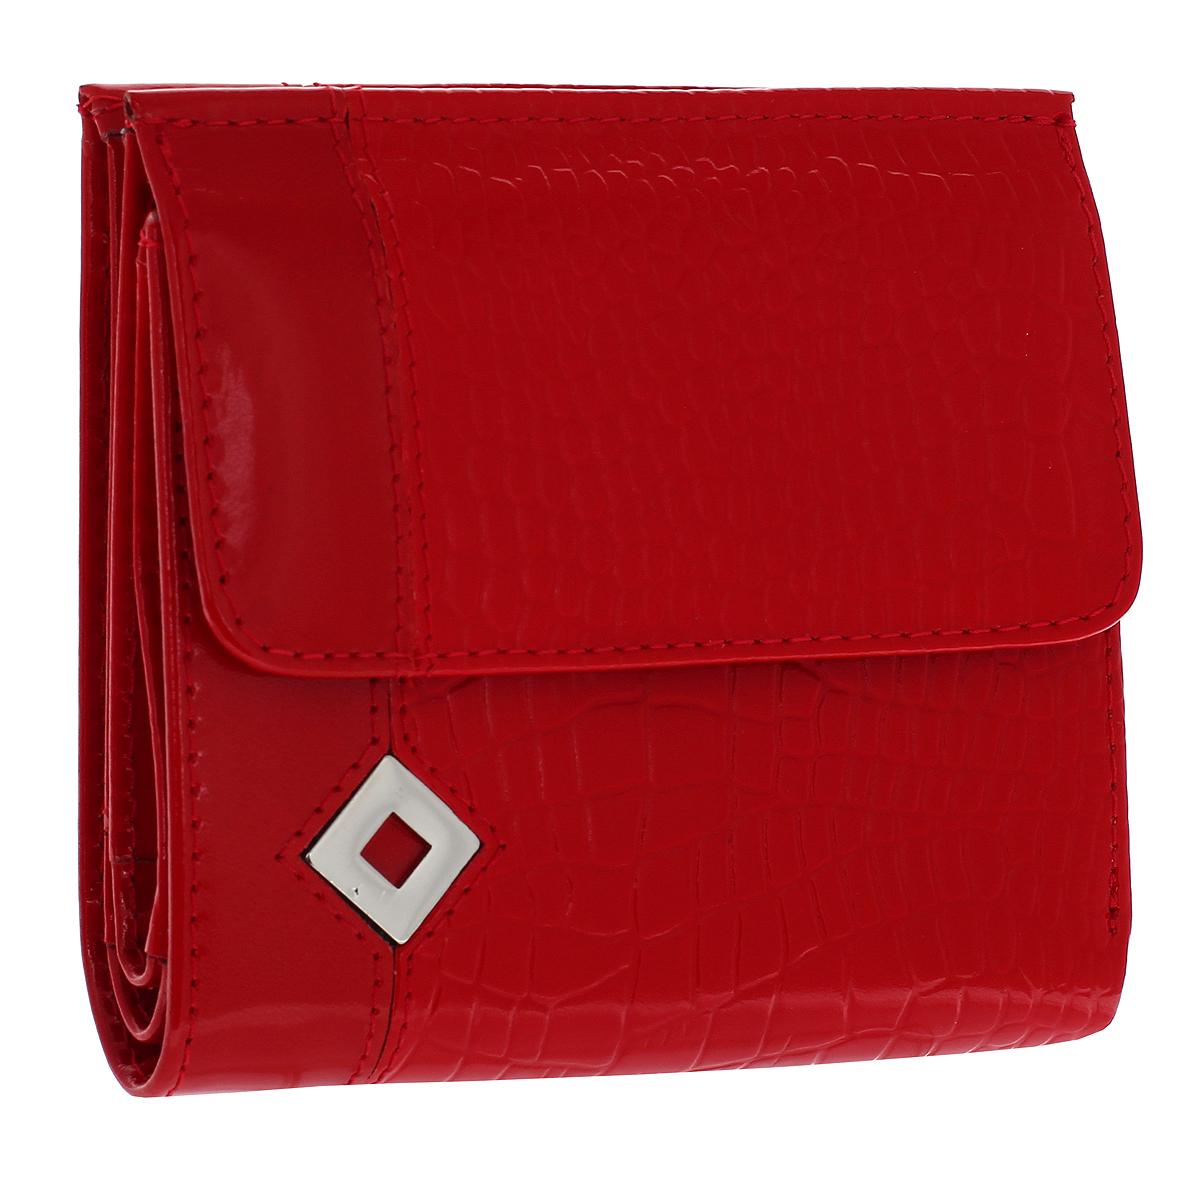 Кошелек женский Dimanche Papillon Rouge, цвет: красный. 424424Кошелек Dimanche Papillon Rouge изготовлен из натуральной лакированной кожи красного цвета с декоративным тиснением под рептилию. Лицевая сторона украшена металлическим значком в виде ромба. Кошелек закрывается на магнитную кнопку. На передней стенке расположен объемный карман для мелочи, закрывающийся клапаном на кнопку. Внутри кошелька содержится 2 отделения для купюр, дополнительный карман на молнии, 2 прорезных кармана для пластиковых карт, кармашек для сим-карты, 2 потайных вертикальных кармашка для мелких бумаг и окошко для фотографии. Внутри кошелек отделан атласным полиэстером красного цвета с рисунком. Фурнитура - серебристого цвета. Стильный кошелек отлично дополнит ваш образ и станет незаменимым аксессуаром на каждый день. Упакован в фирменную картонную коробку коричневого цвета. Характеристики: Материал: натуральная кожа, полиэстер, металл. Цвет: красный. Размер кошелька (ДхШхВ): 10 см х 10,5 см х 2,5 см.